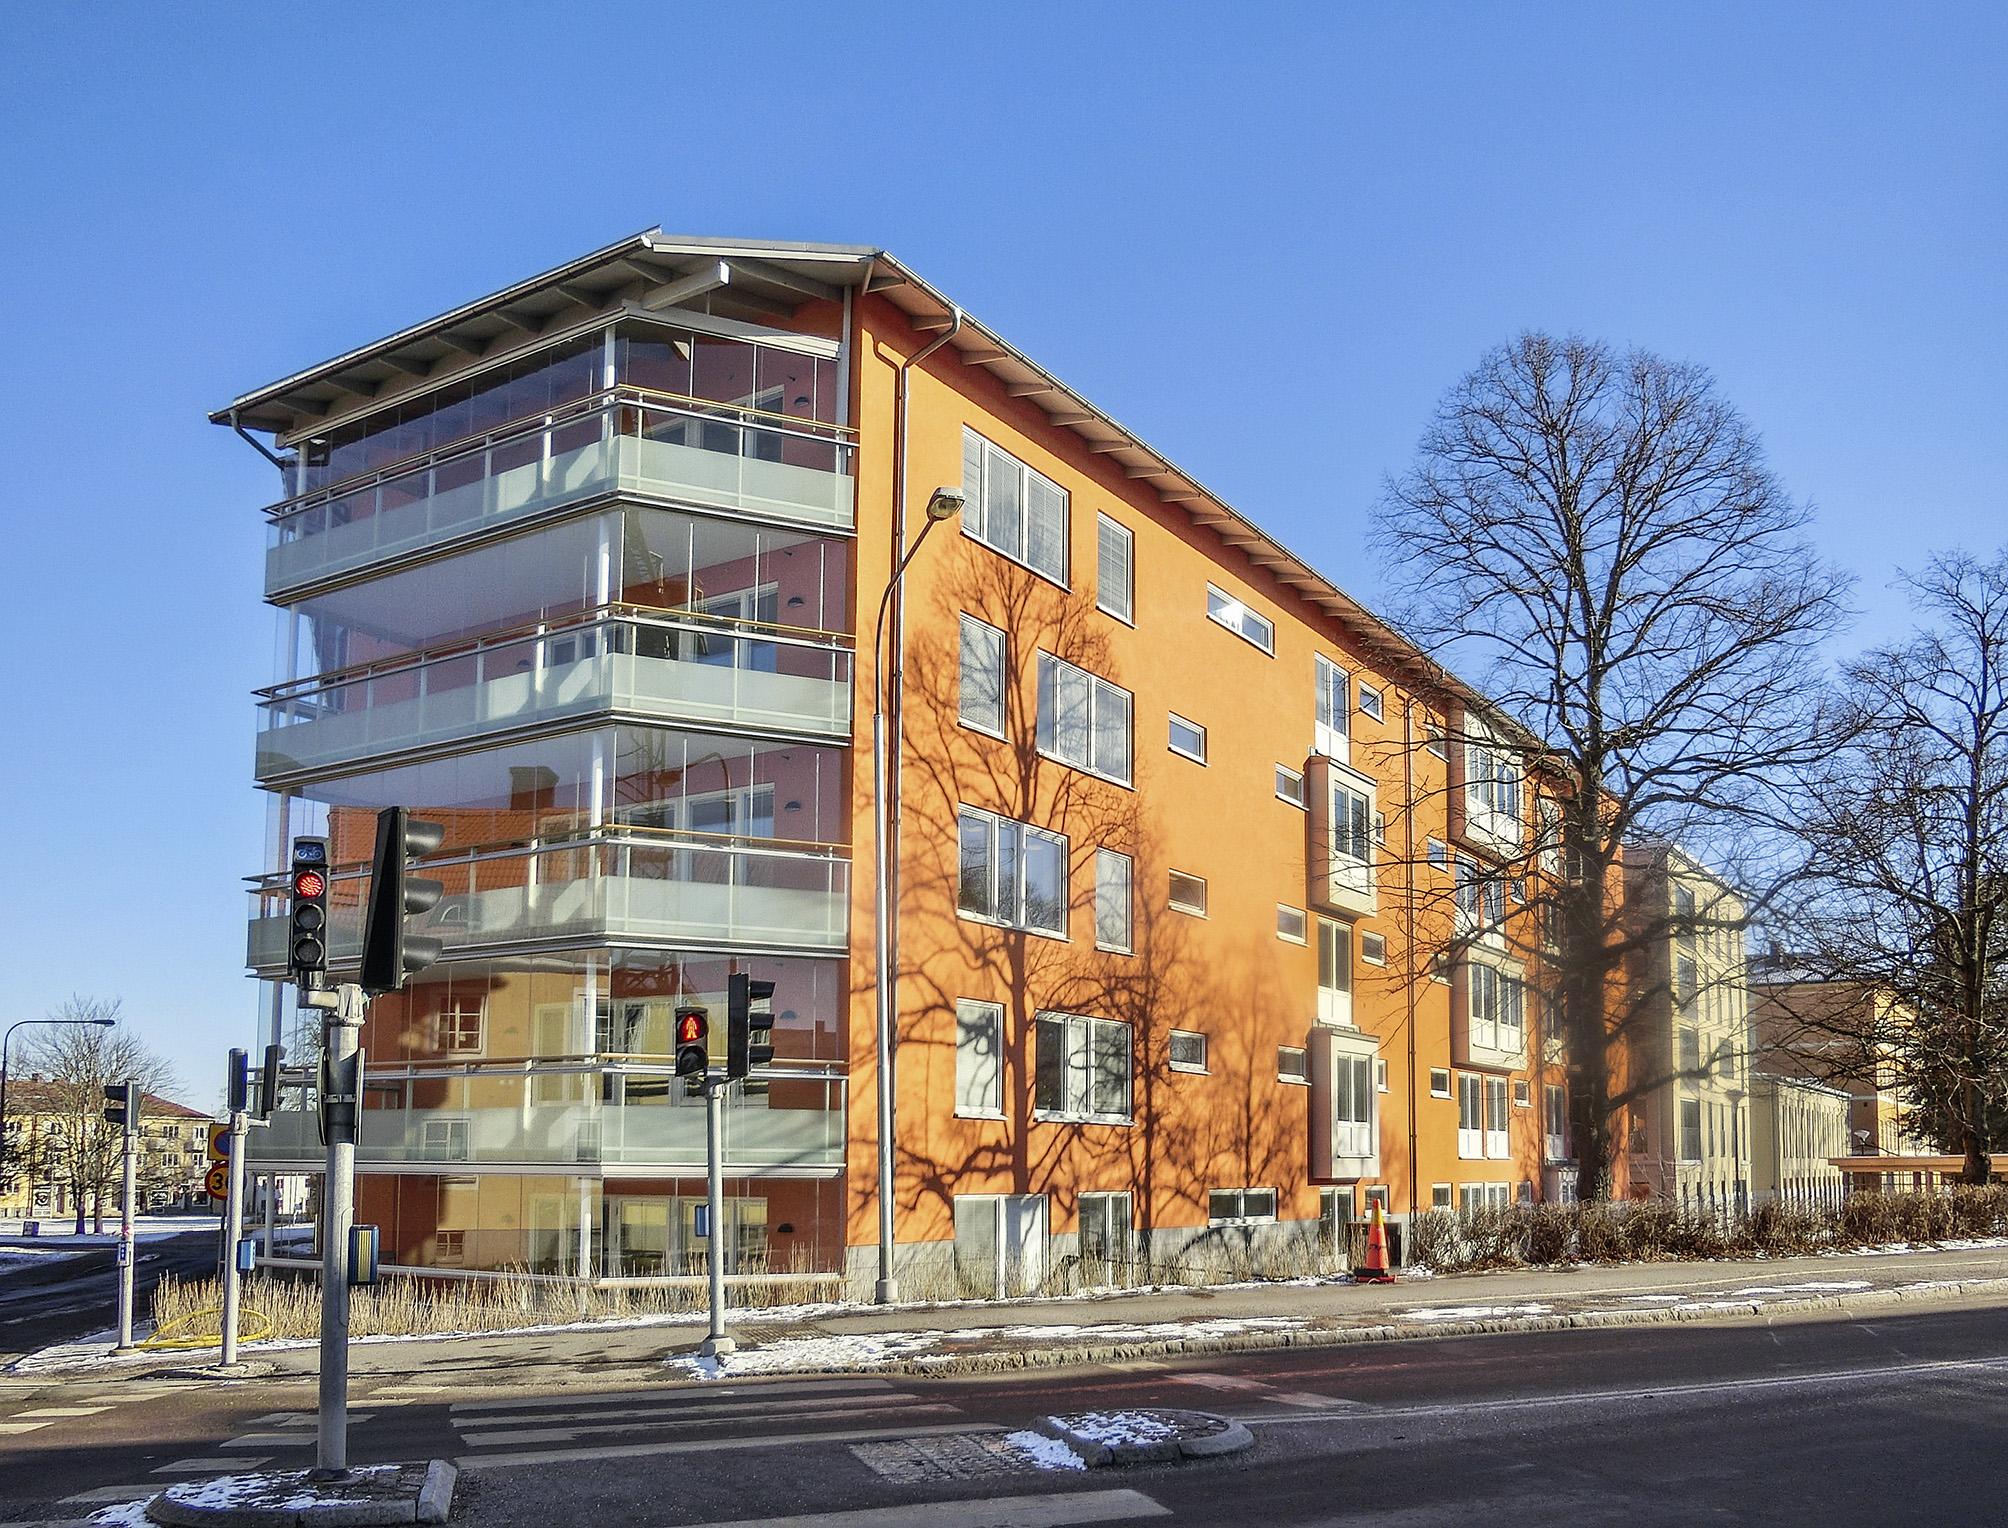 Botrygg Sandrinoparken 0392